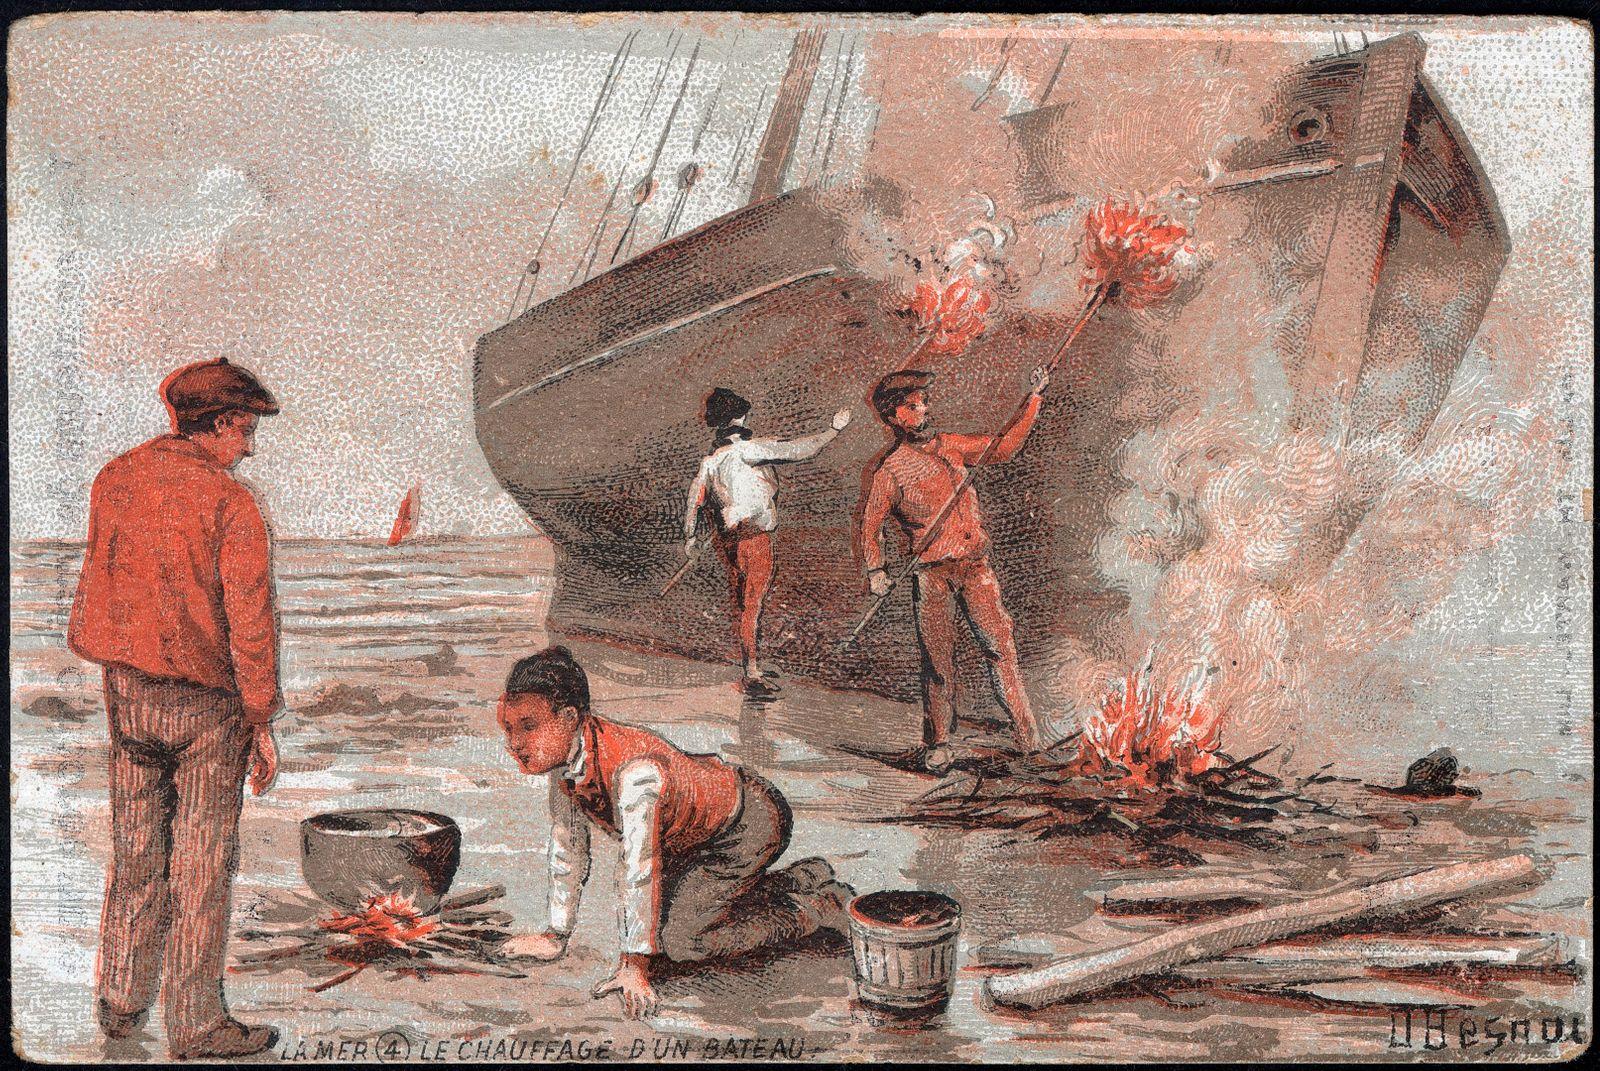 MARINE le chauffage d un bateau. Illustration vers 1910 par O. BESNOU pour un chromo publicitaire. Credit : Collection K